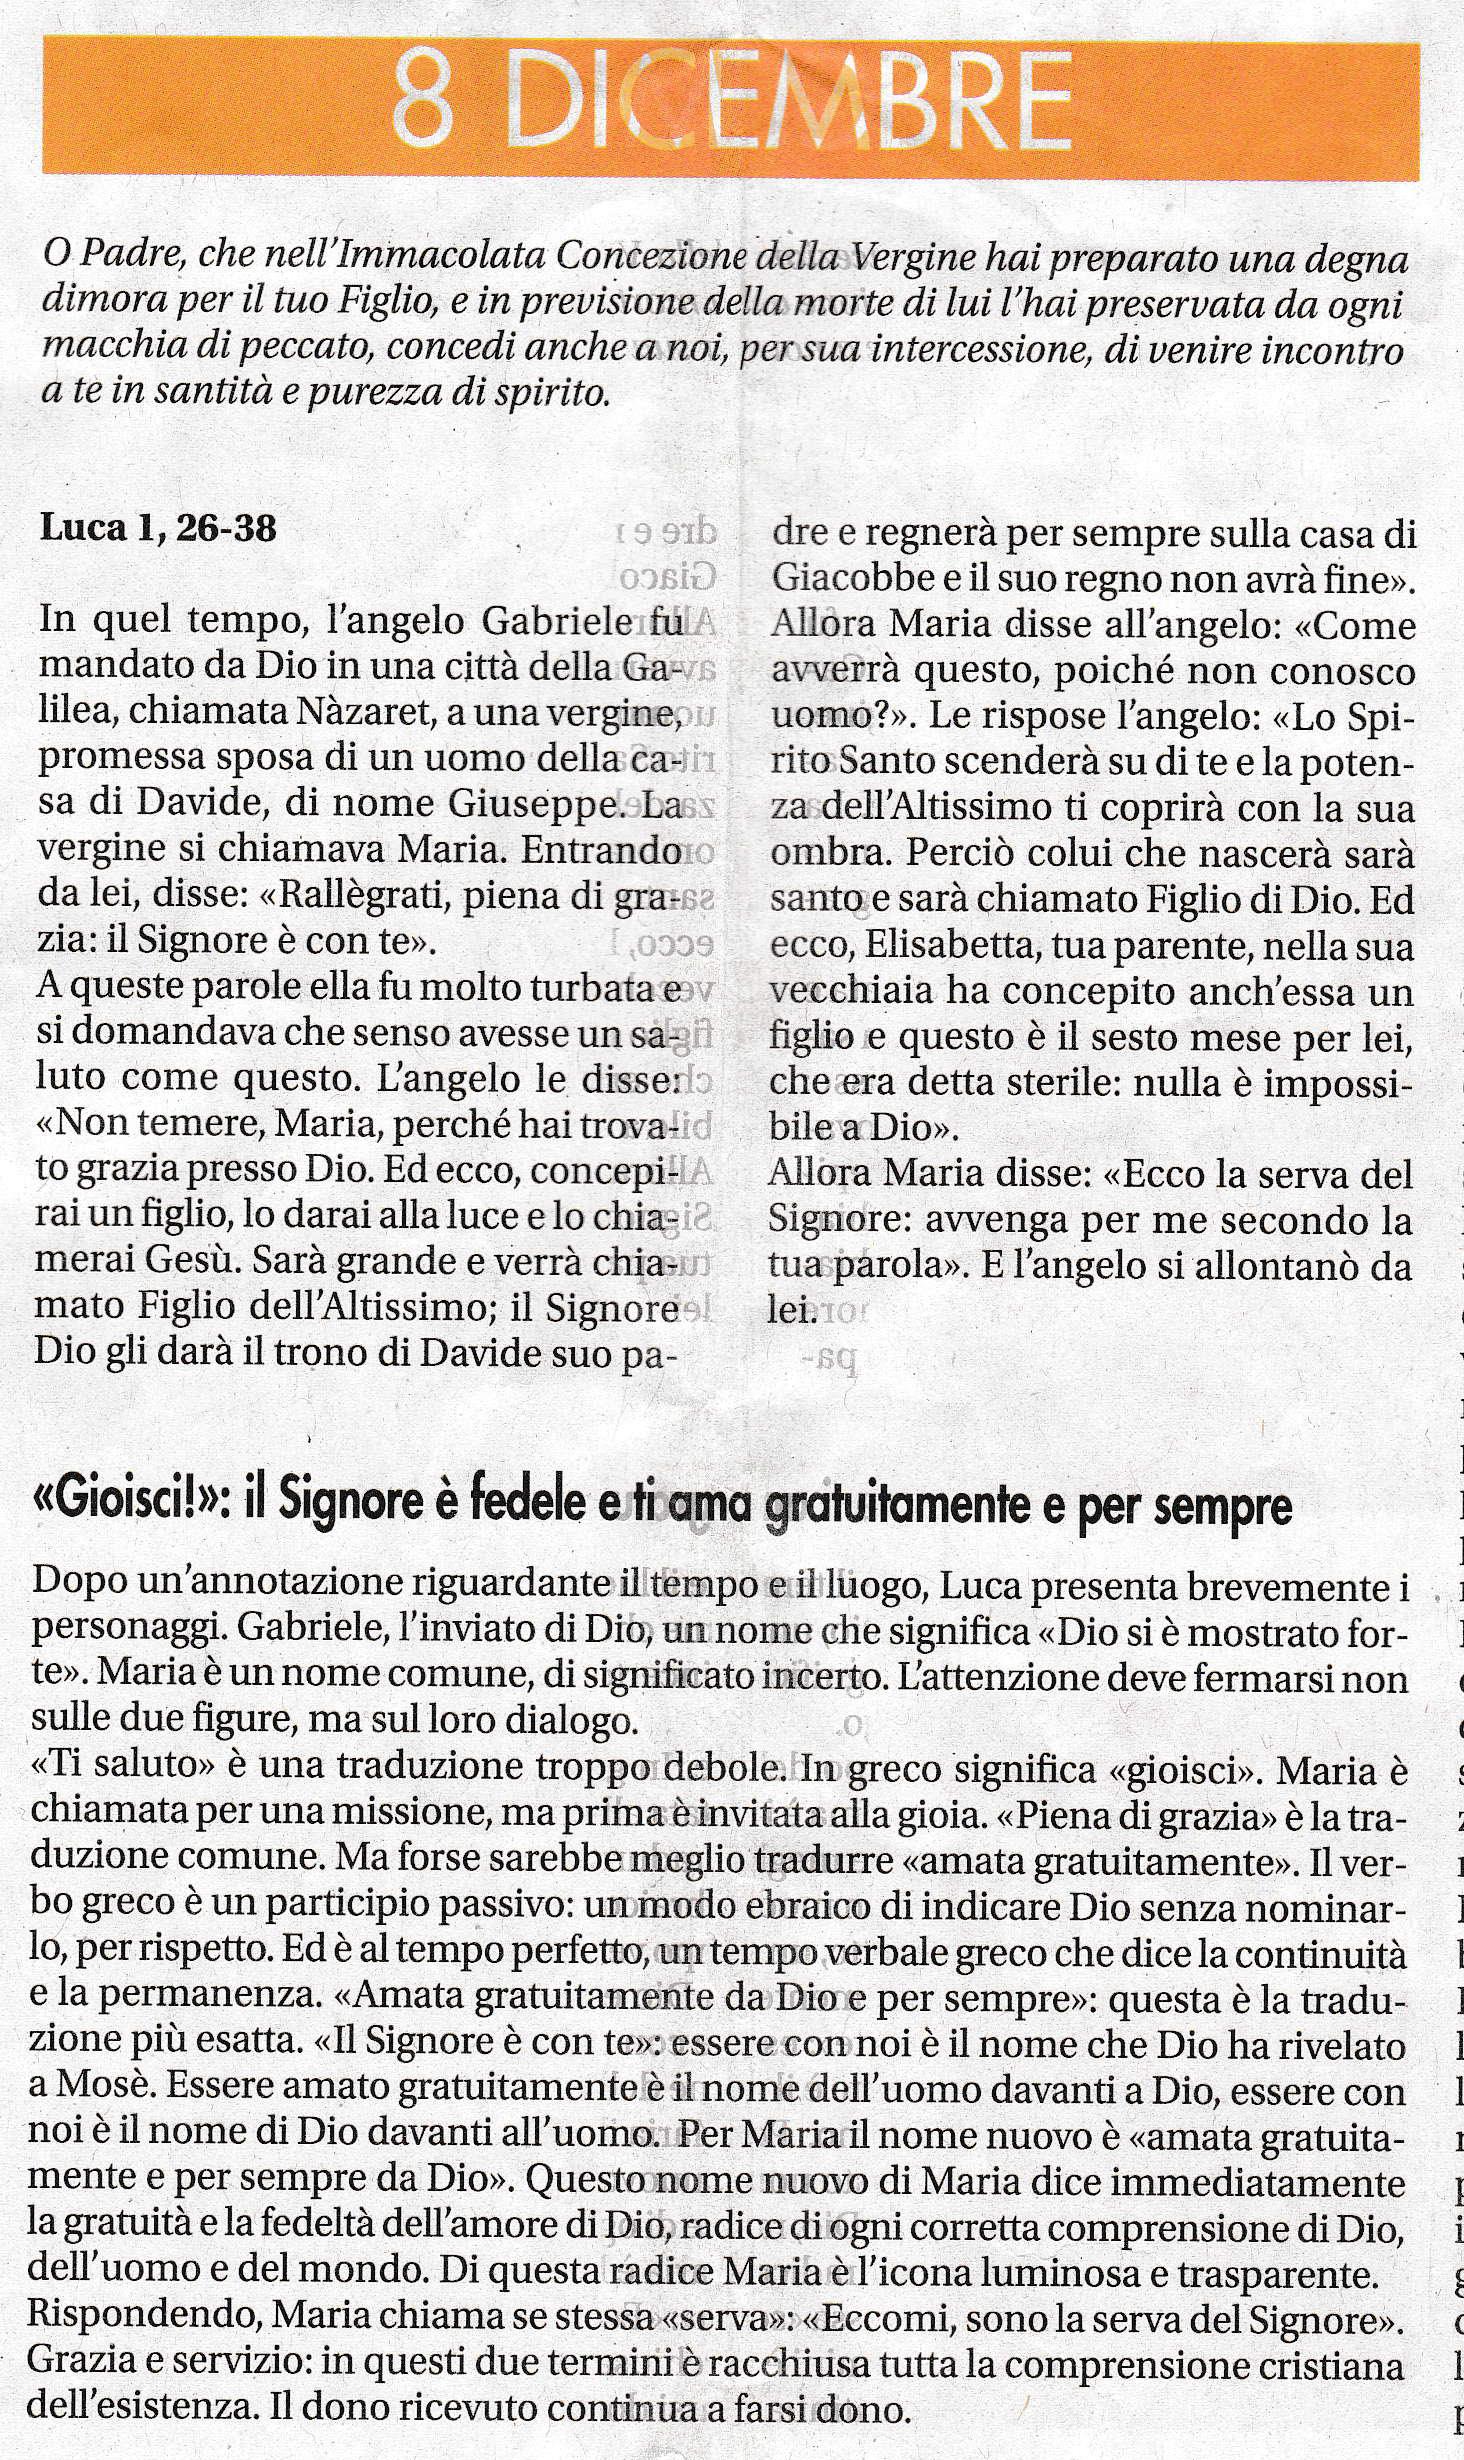 8 dicembre, - sussidio a cura di mons. Enrico Solmi, Vescovo di Parma